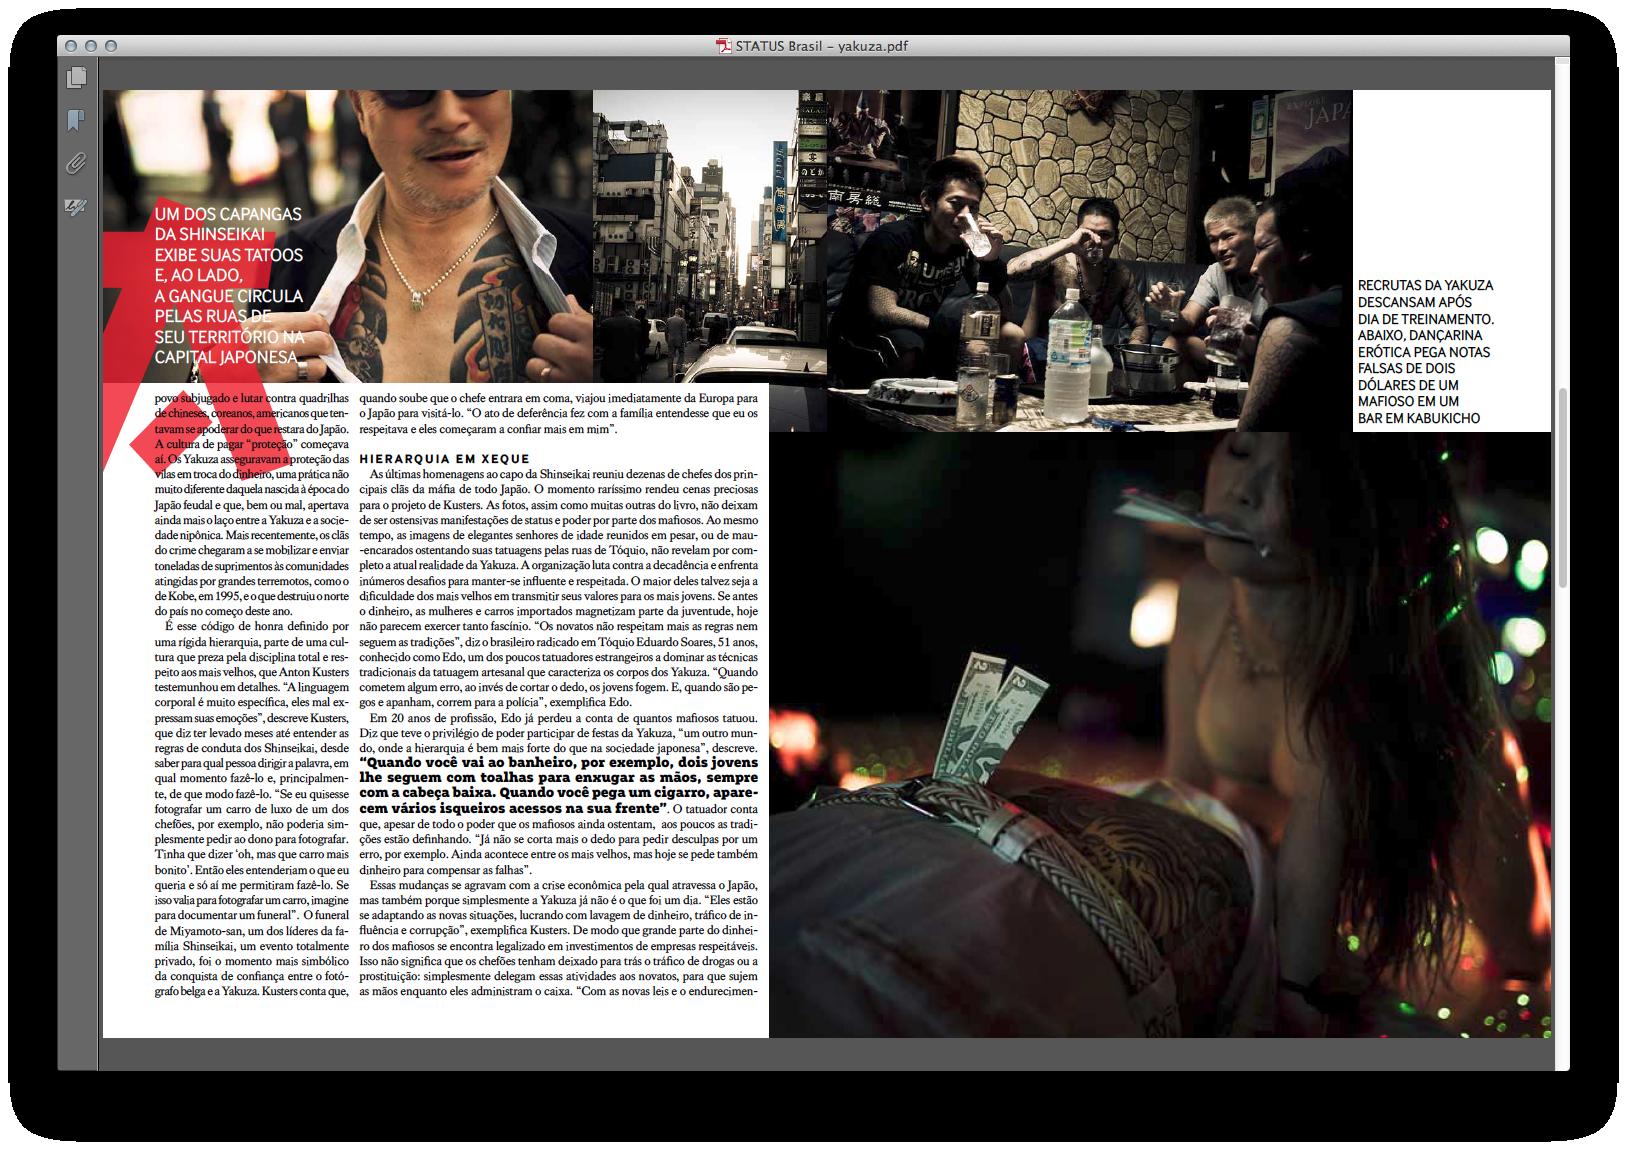 Screen-Shot-2012-02-19-at-13.13.23.png